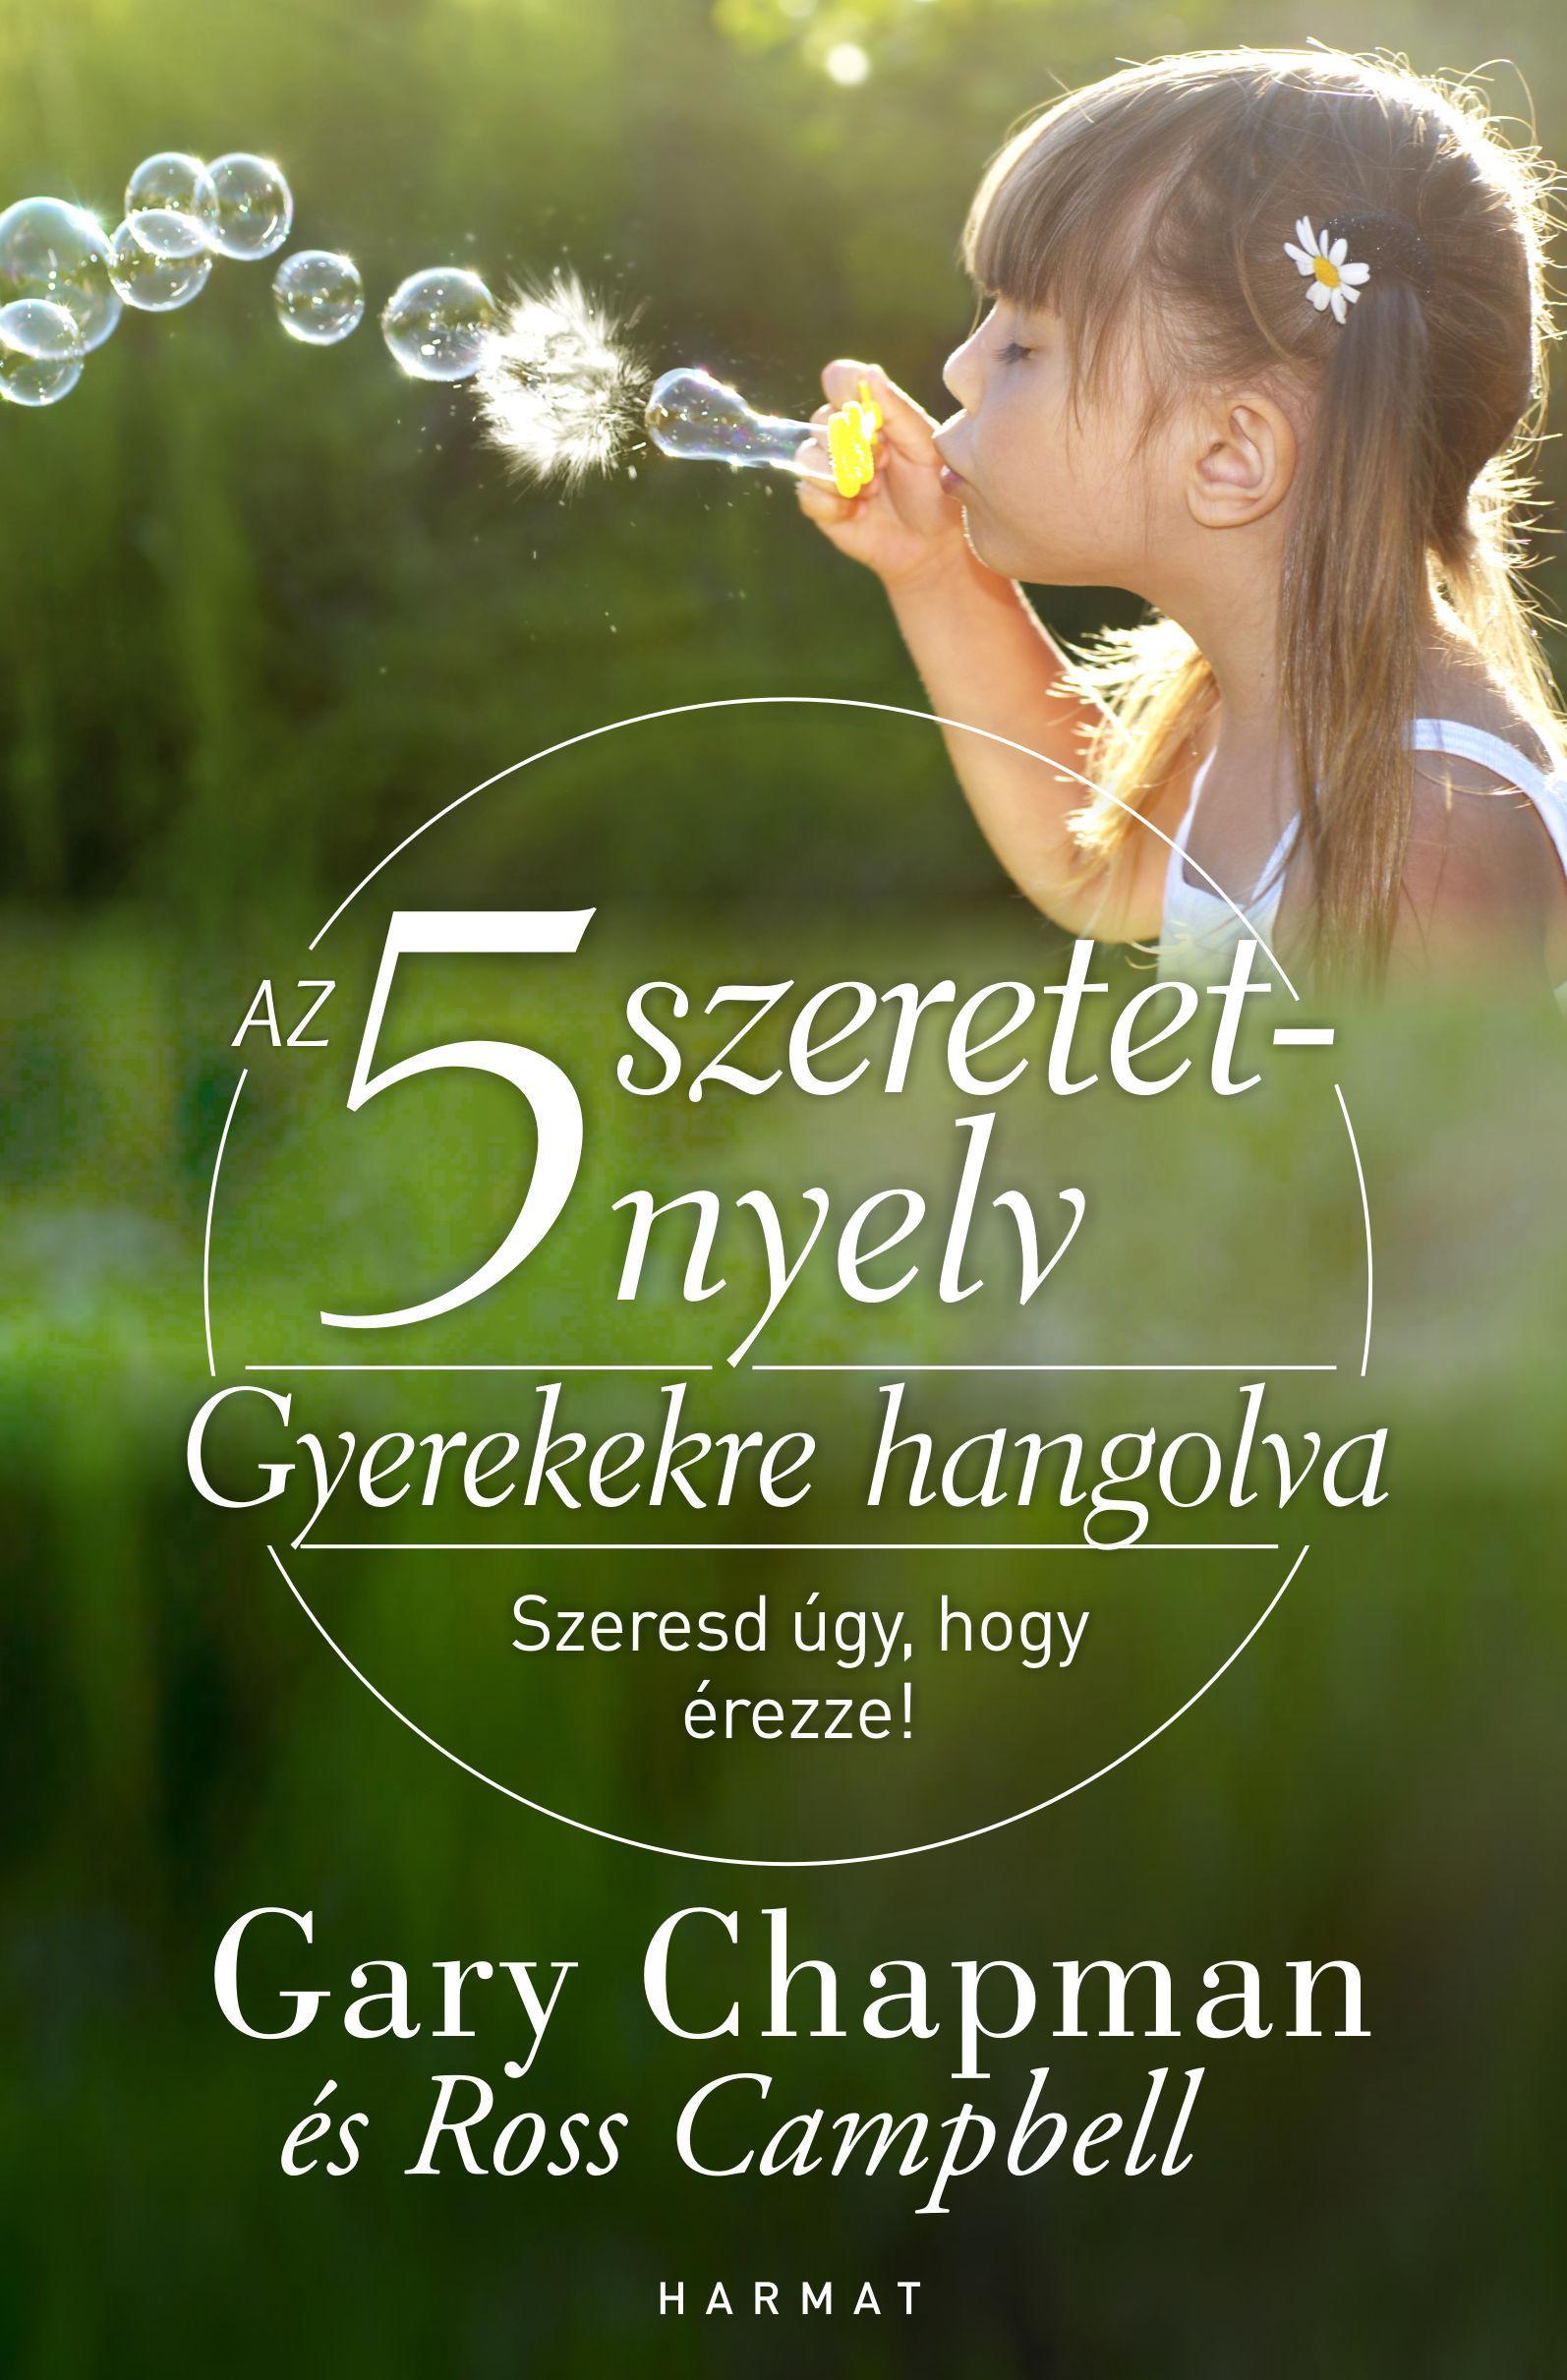 AZ 5 SZERETETNYELV - GYEREKEKRE HANGOLVA